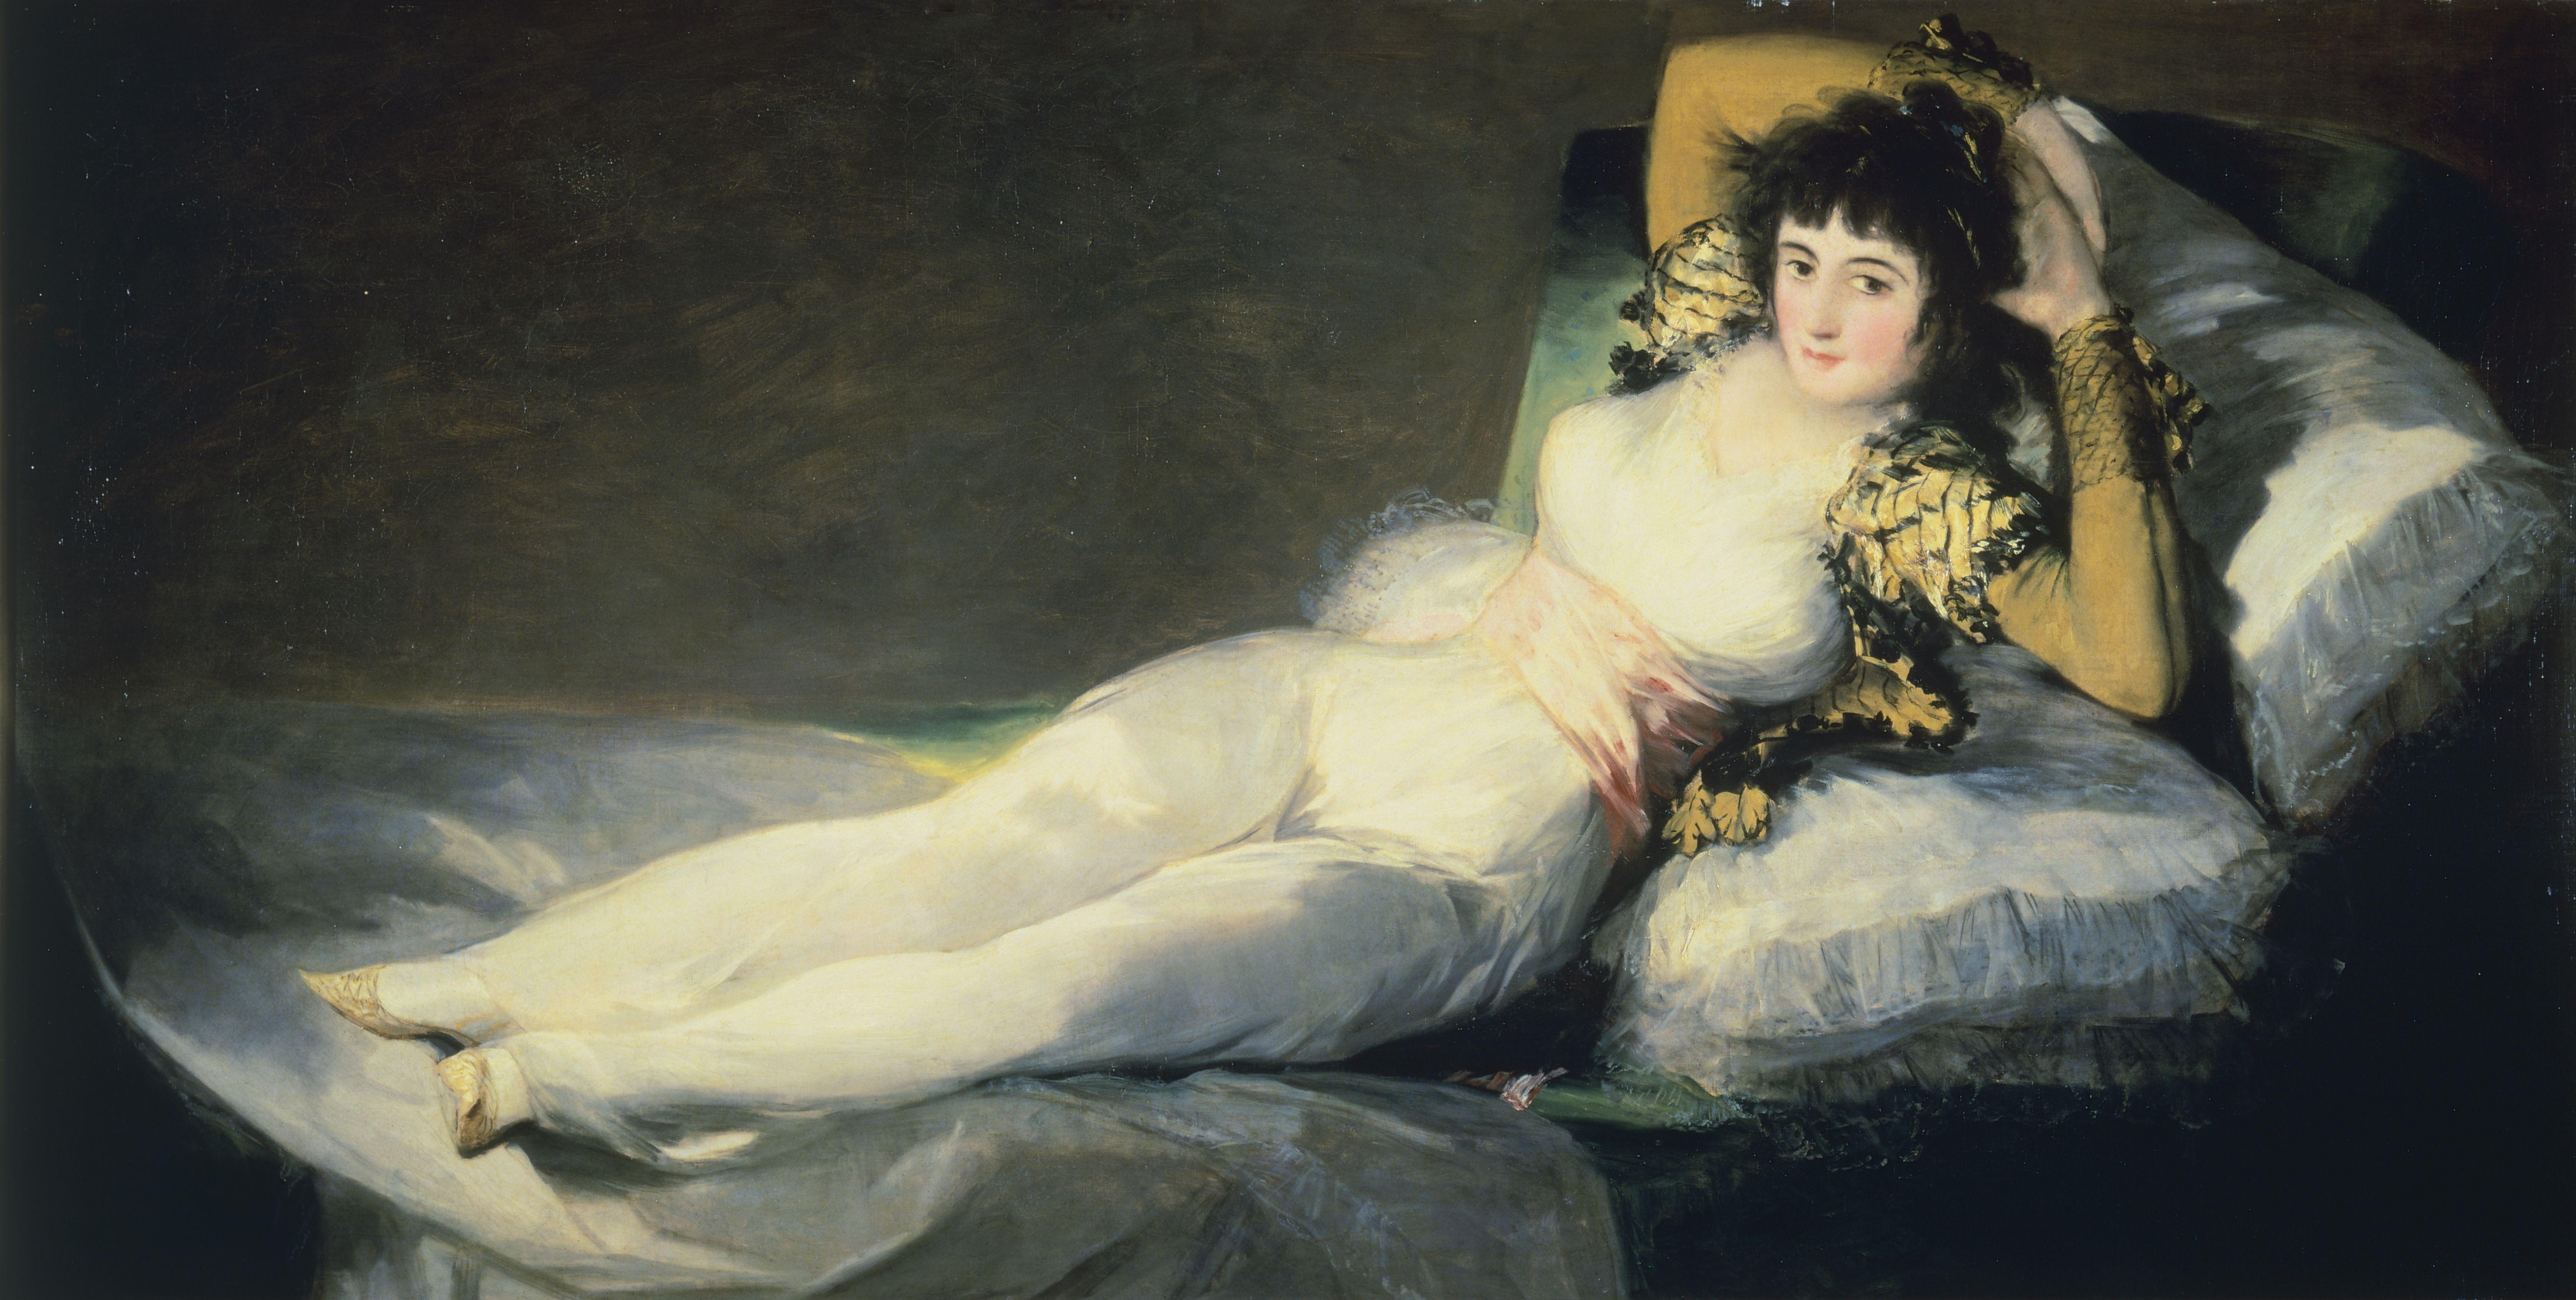 The clothed Maja (La Maja vestida), 1800, by Francisco de Goya (1746-1828), oil on canvas, 95x190 cm.